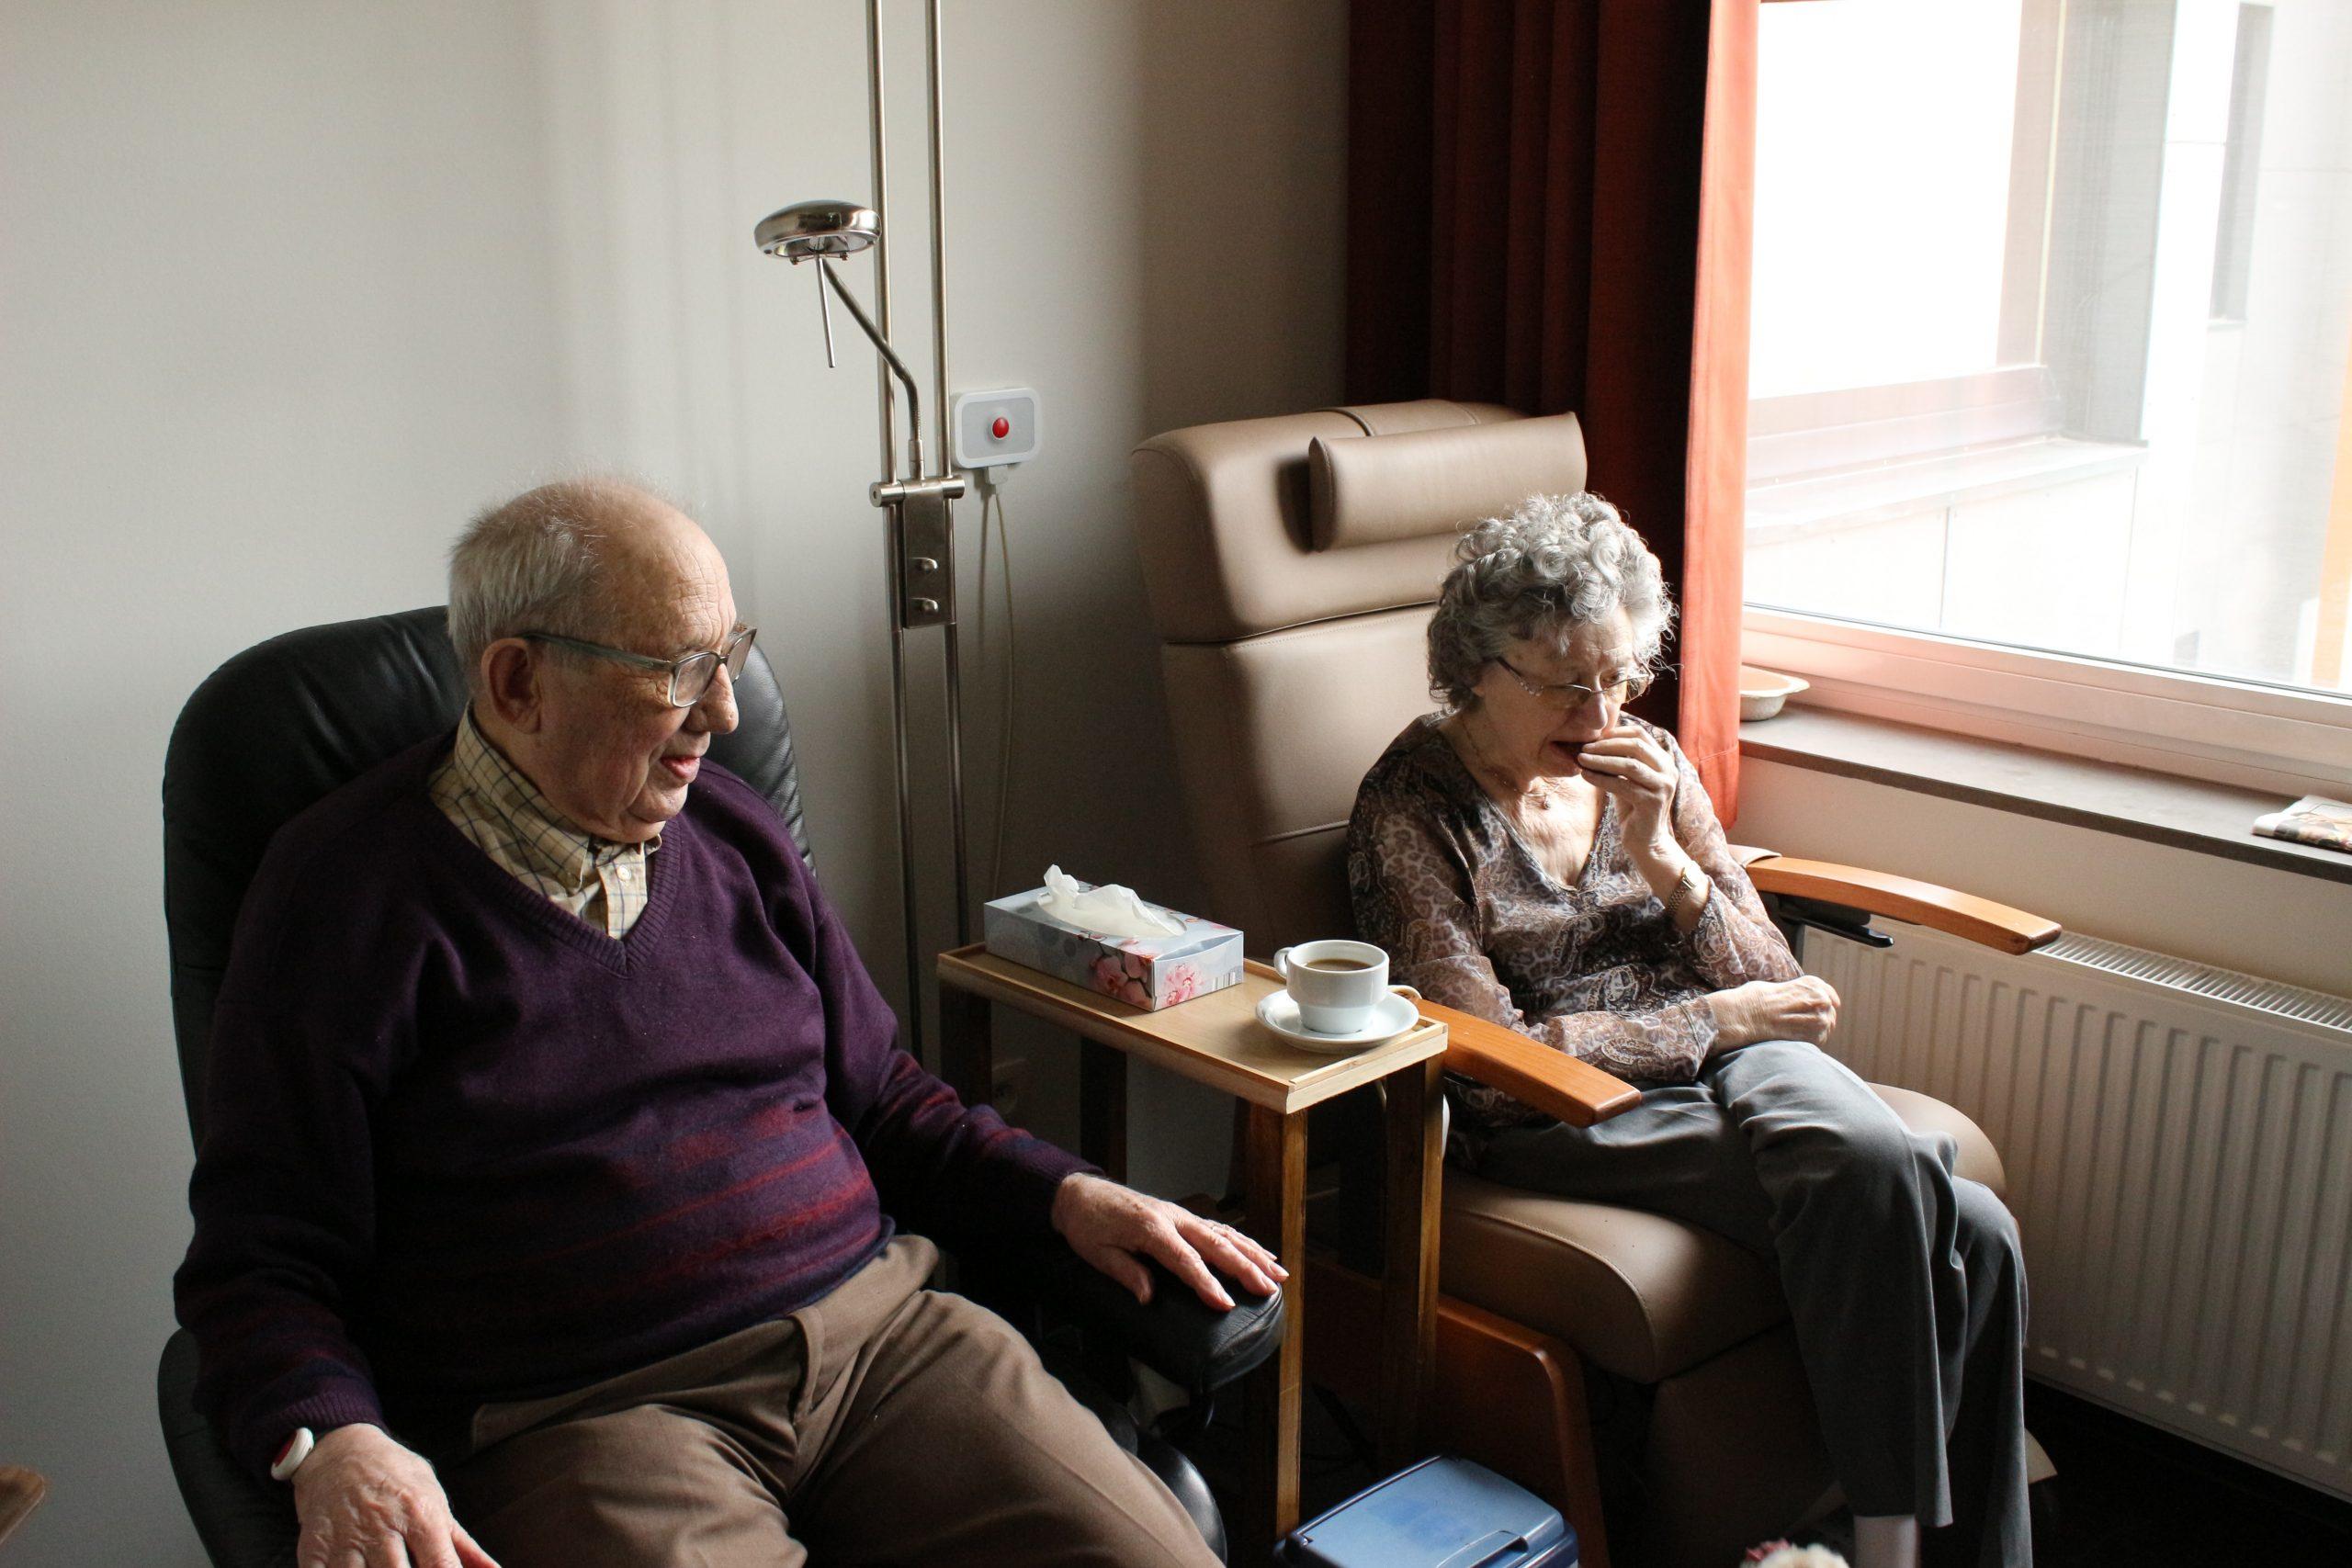 KRÖNIKA: Äldres oro och ensamhet – ett underskattat hot mot folkhälsan?